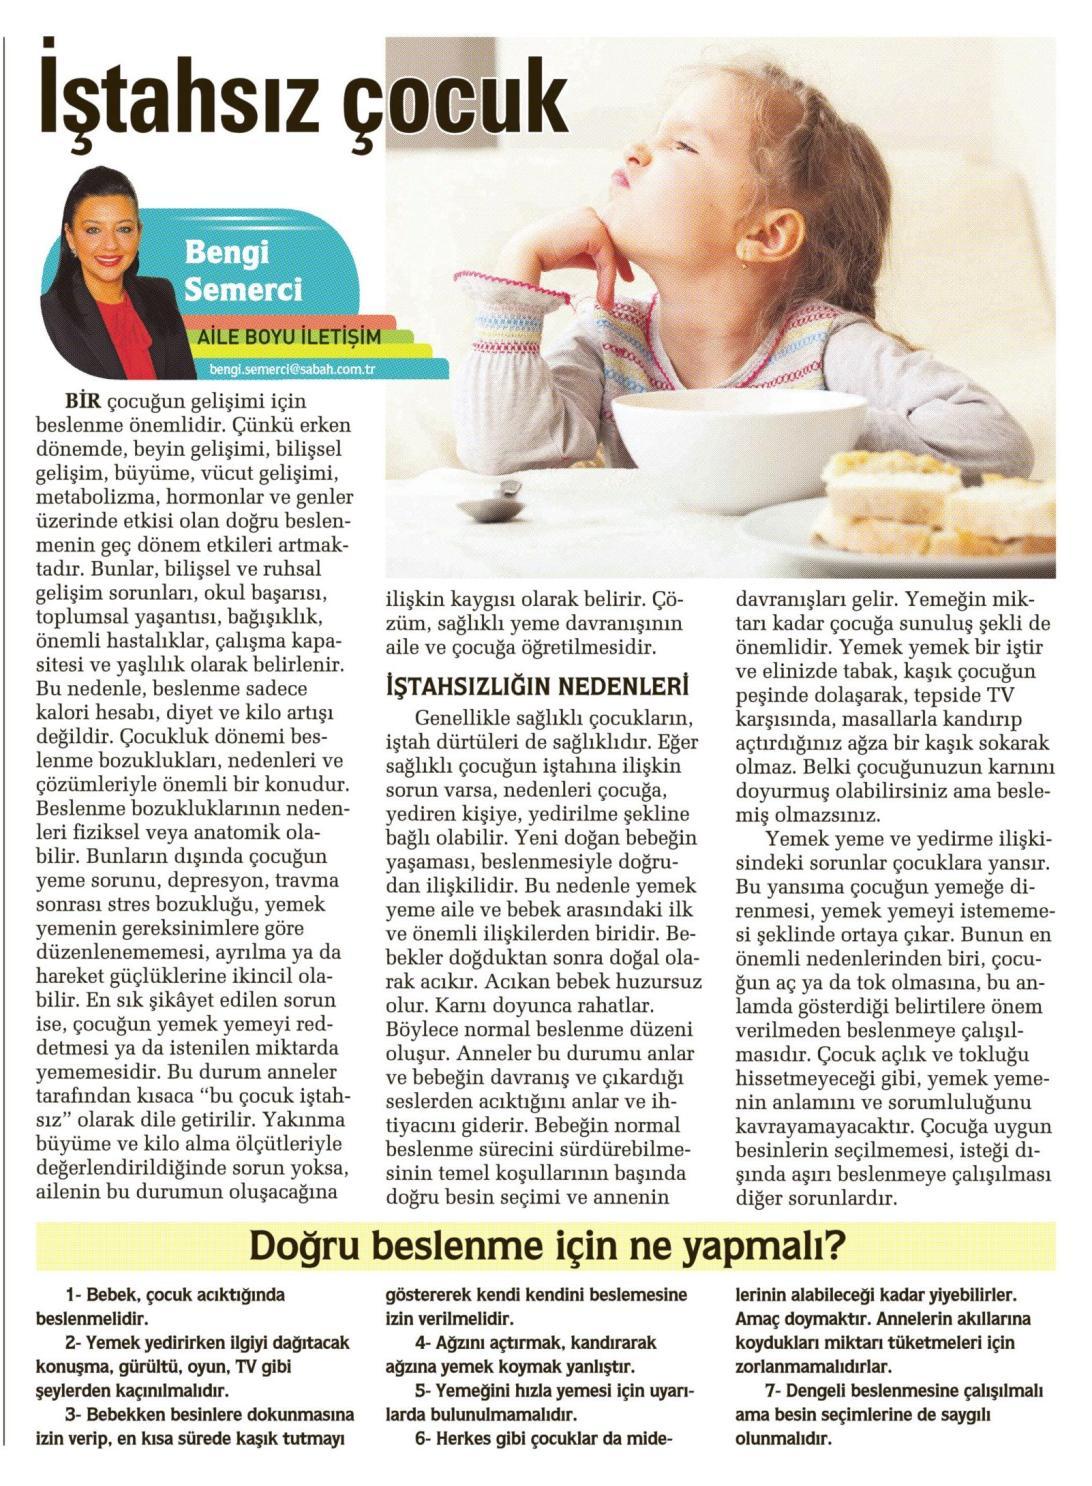 İştahsız çocuk - SABAH CUMARTESİ 28.03.2015 </p> <p>